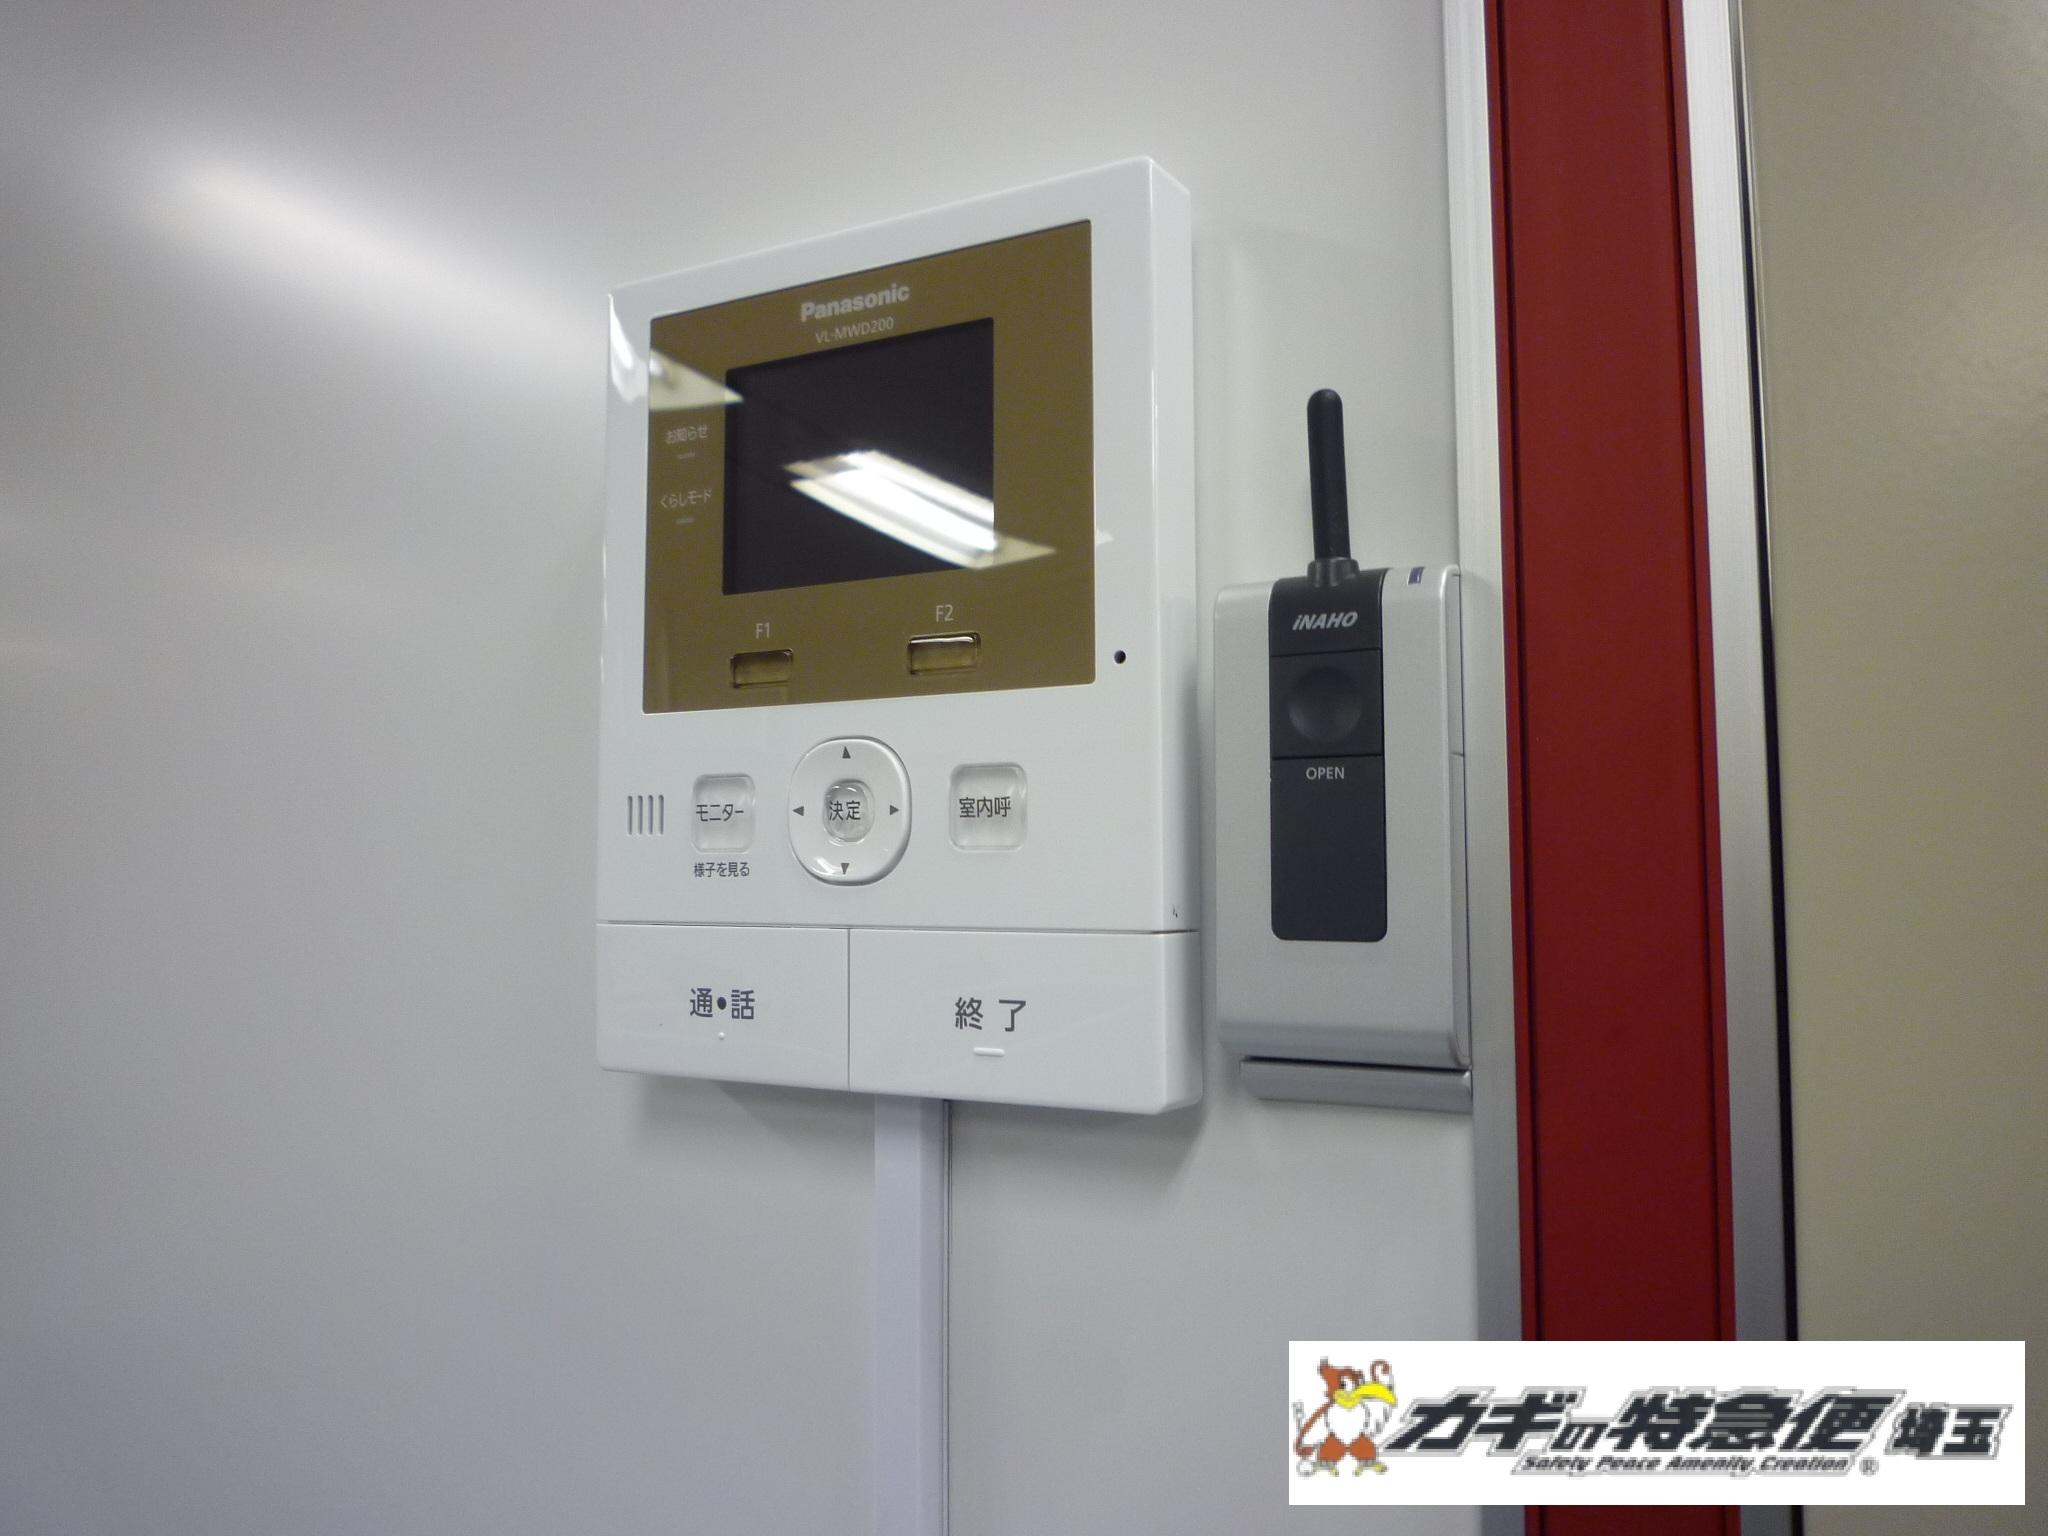 電子ロック(電子錠とドアホンの新規取付け工事 埼玉県さいたま市)